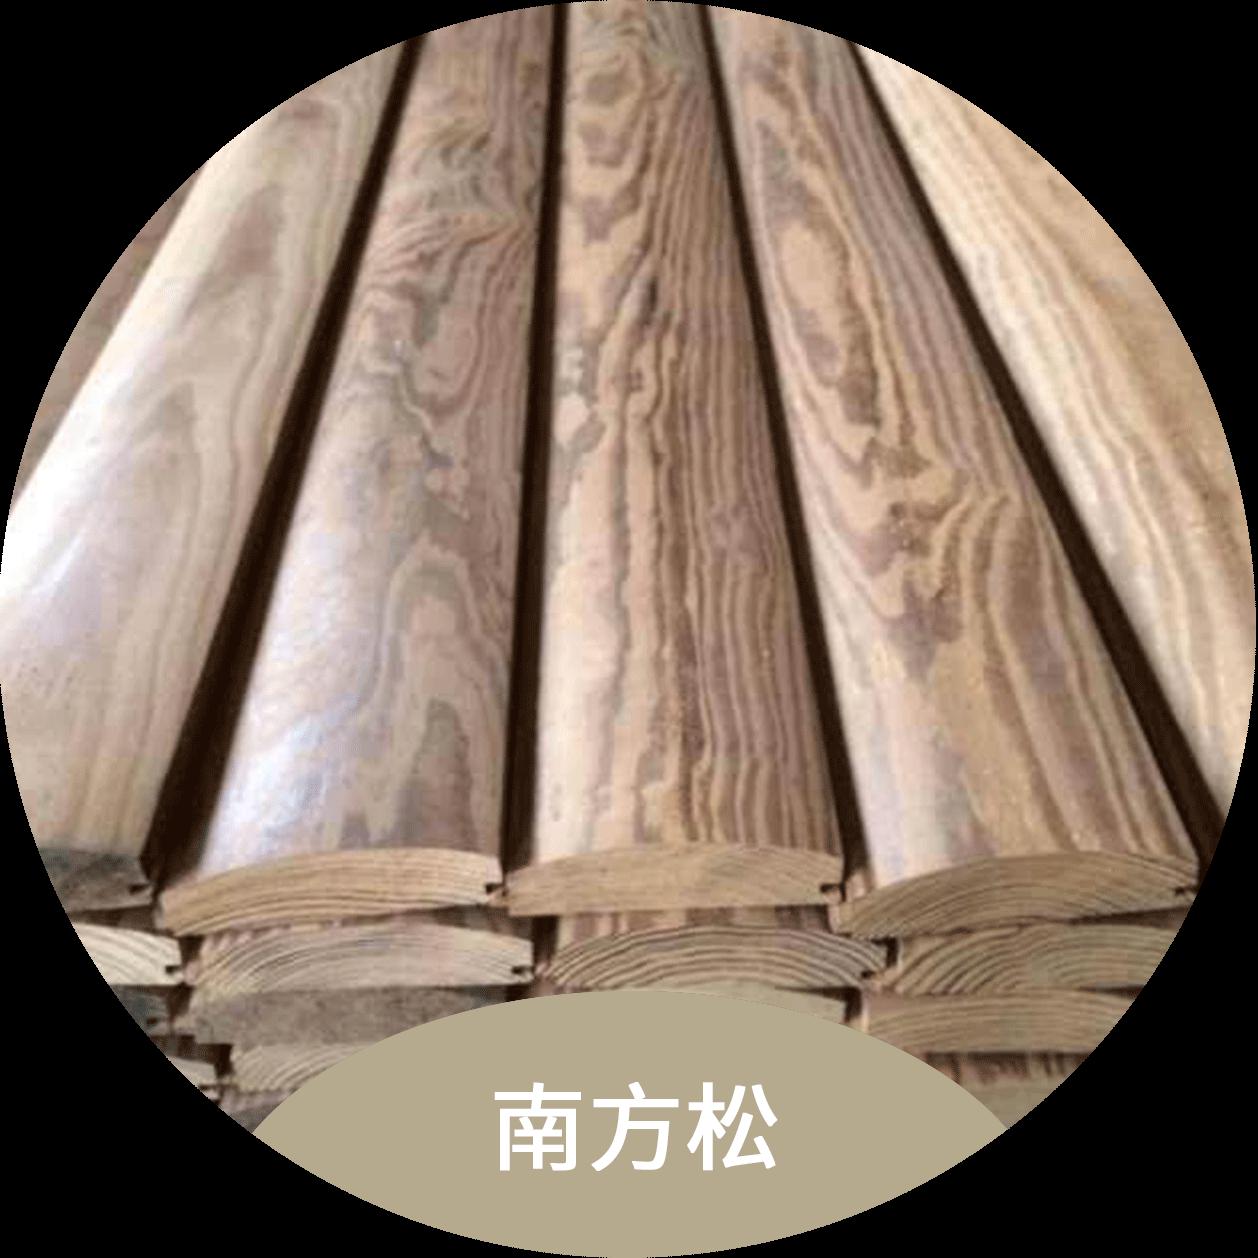 哪儿有卖高质量的南方松_福州防腐木价格